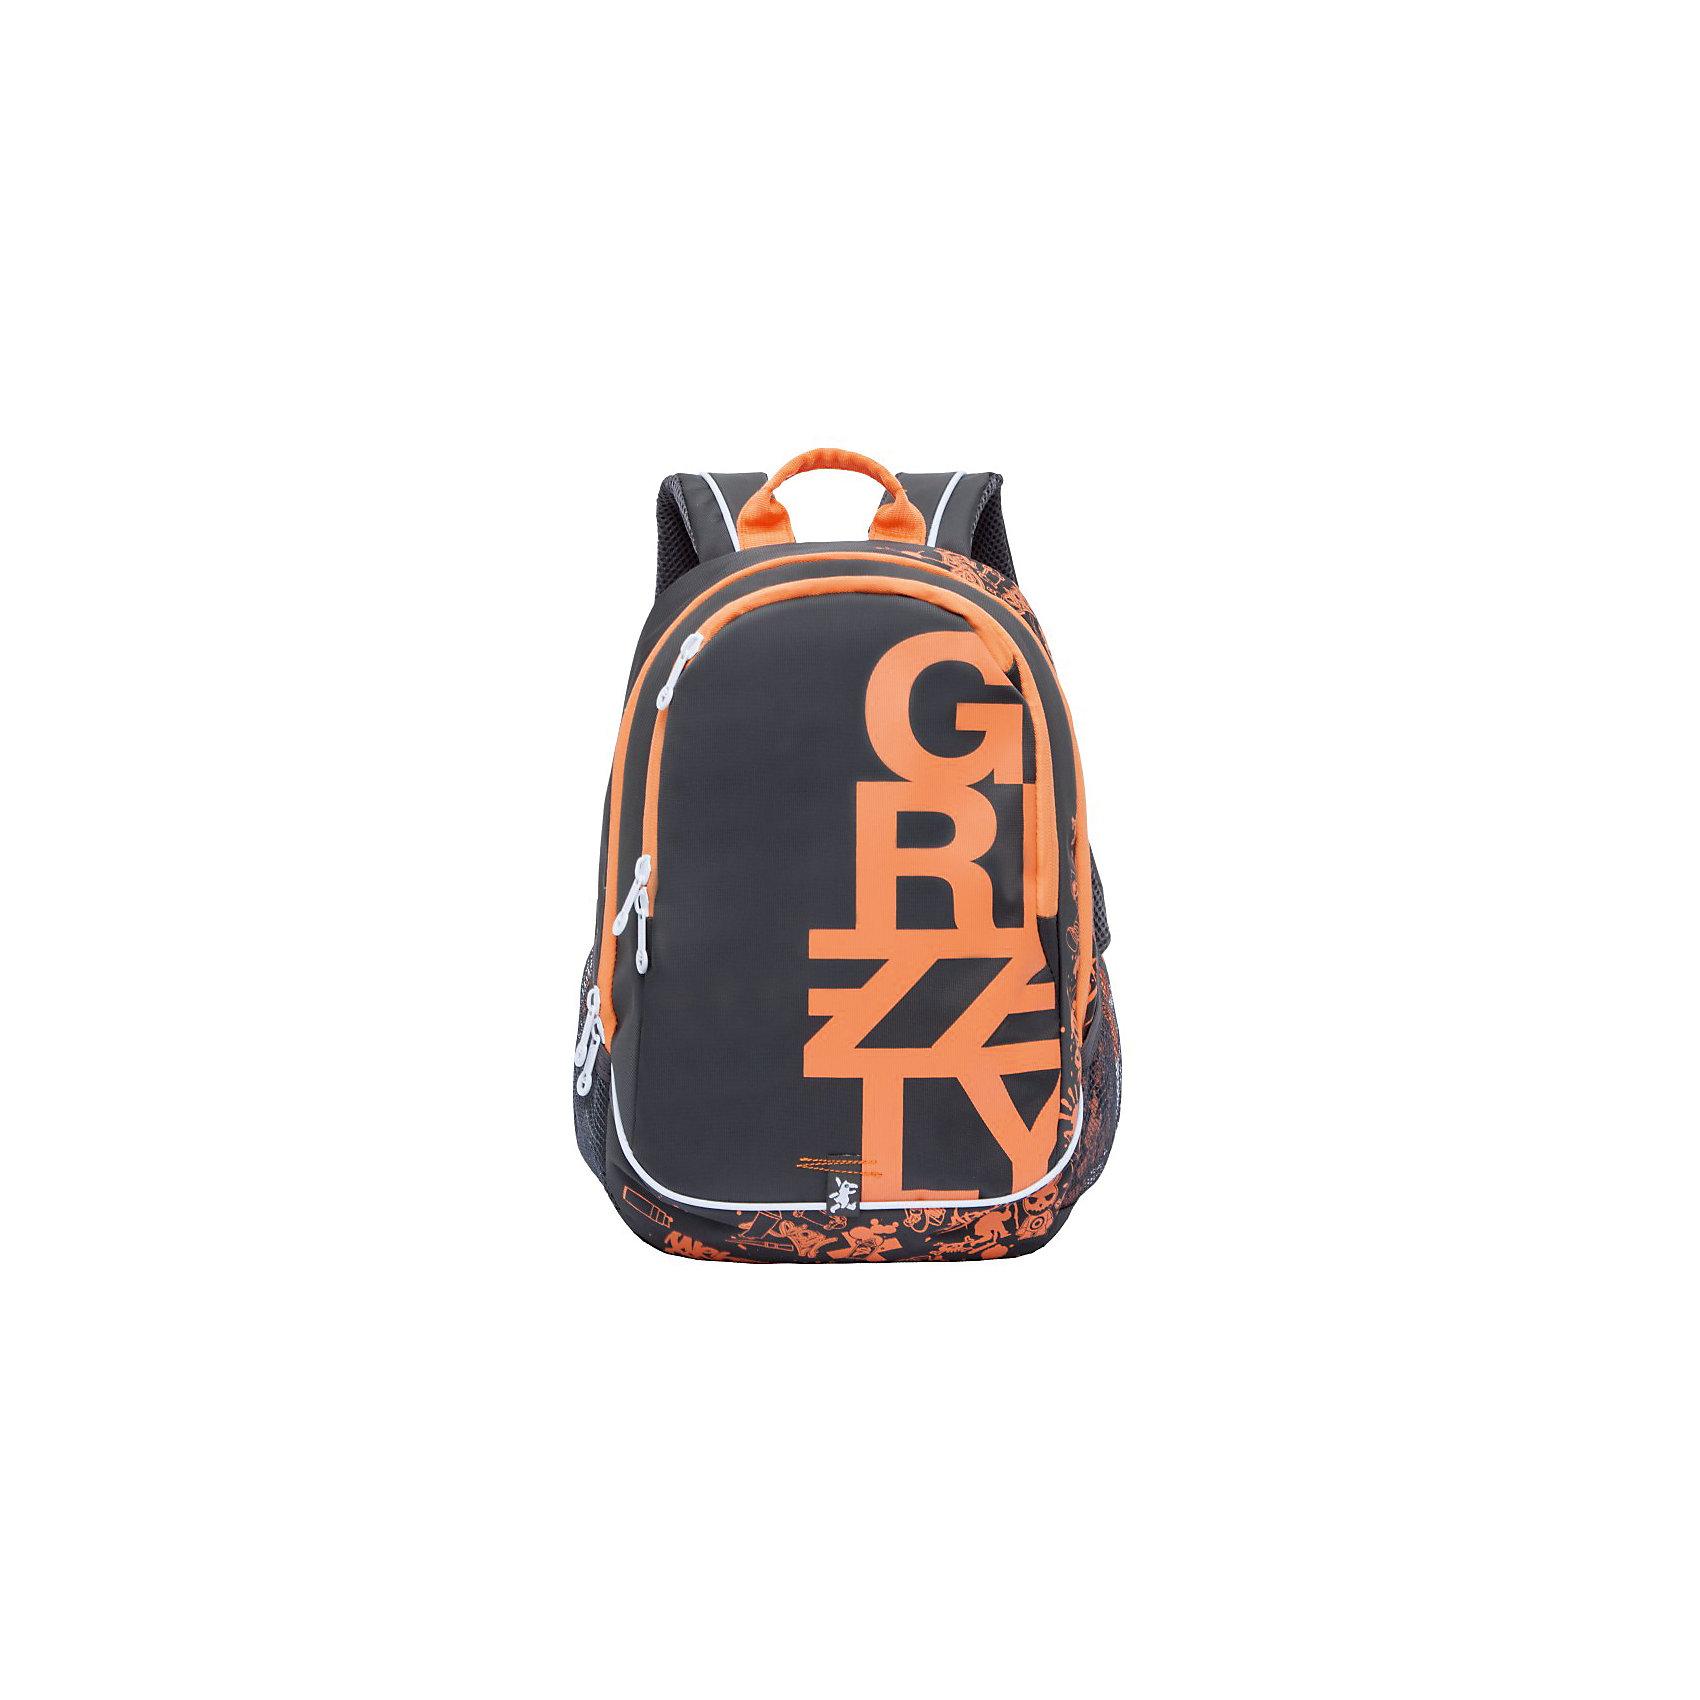 Рюкзак Grizzly  2 отделенияРюкзаки<br>Рюкзак молодежный, два отделения, карман на молнии на передней стенке, объемный карман на молнии на передней стенке, боковые карманы с клапанами на липучках, внутренний карман-пенал для карандашей, жесткая анатомическая спинка, карман быстрого доступа в передней части рюкзака, мягкая укрепленная ручка, укрепленные лямки.<br>Вес, г: 985<br>Размер, см: 29х40х20<br>Состав: Полиэстр<br>Наличие светоотражающих элементов:  нет<br>Материал: Полиэстр<br>Спина:  полужесткая<br>Наличие дополнительных карманов внутри:  да<br>Дно выбрать:  Мягкое<br>Количество отделений внутри:  2<br>Боковые карманы: да<br>Замок:  Молния<br><br>Ширина мм: 290<br>Глубина мм: 200<br>Высота мм: 400<br>Вес г: 810<br>Возраст от месяцев: 72<br>Возраст до месяцев: 192<br>Пол: Мужской<br>Возраст: Детский<br>SKU: 6727529